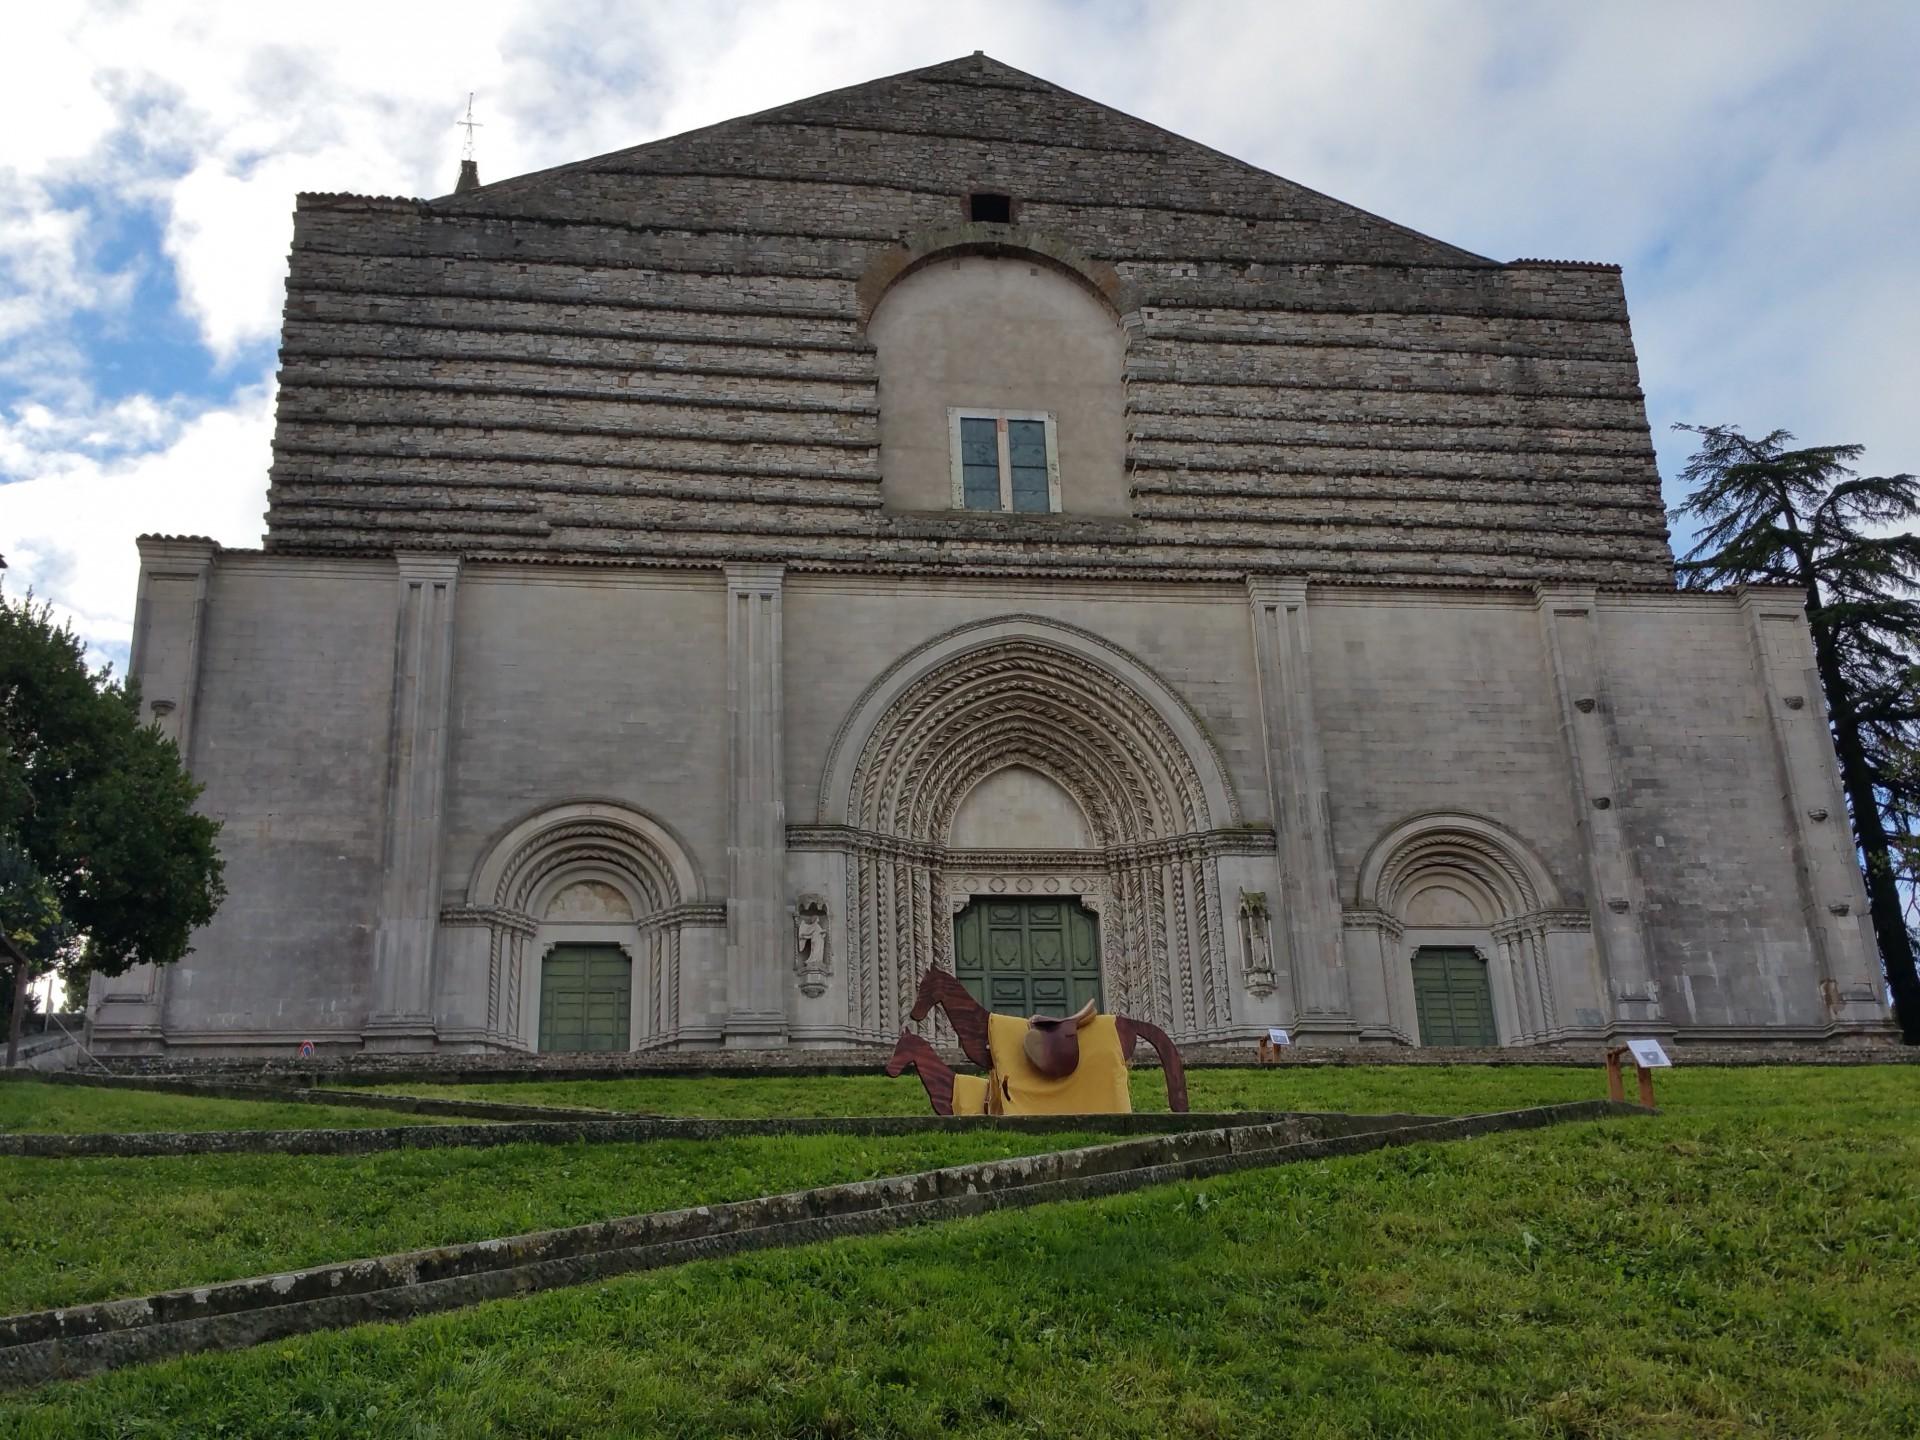 Hotel Fonte Cesia - Disfida di san Fortunato - Tempio di San Fortunato Arcieri - Todi